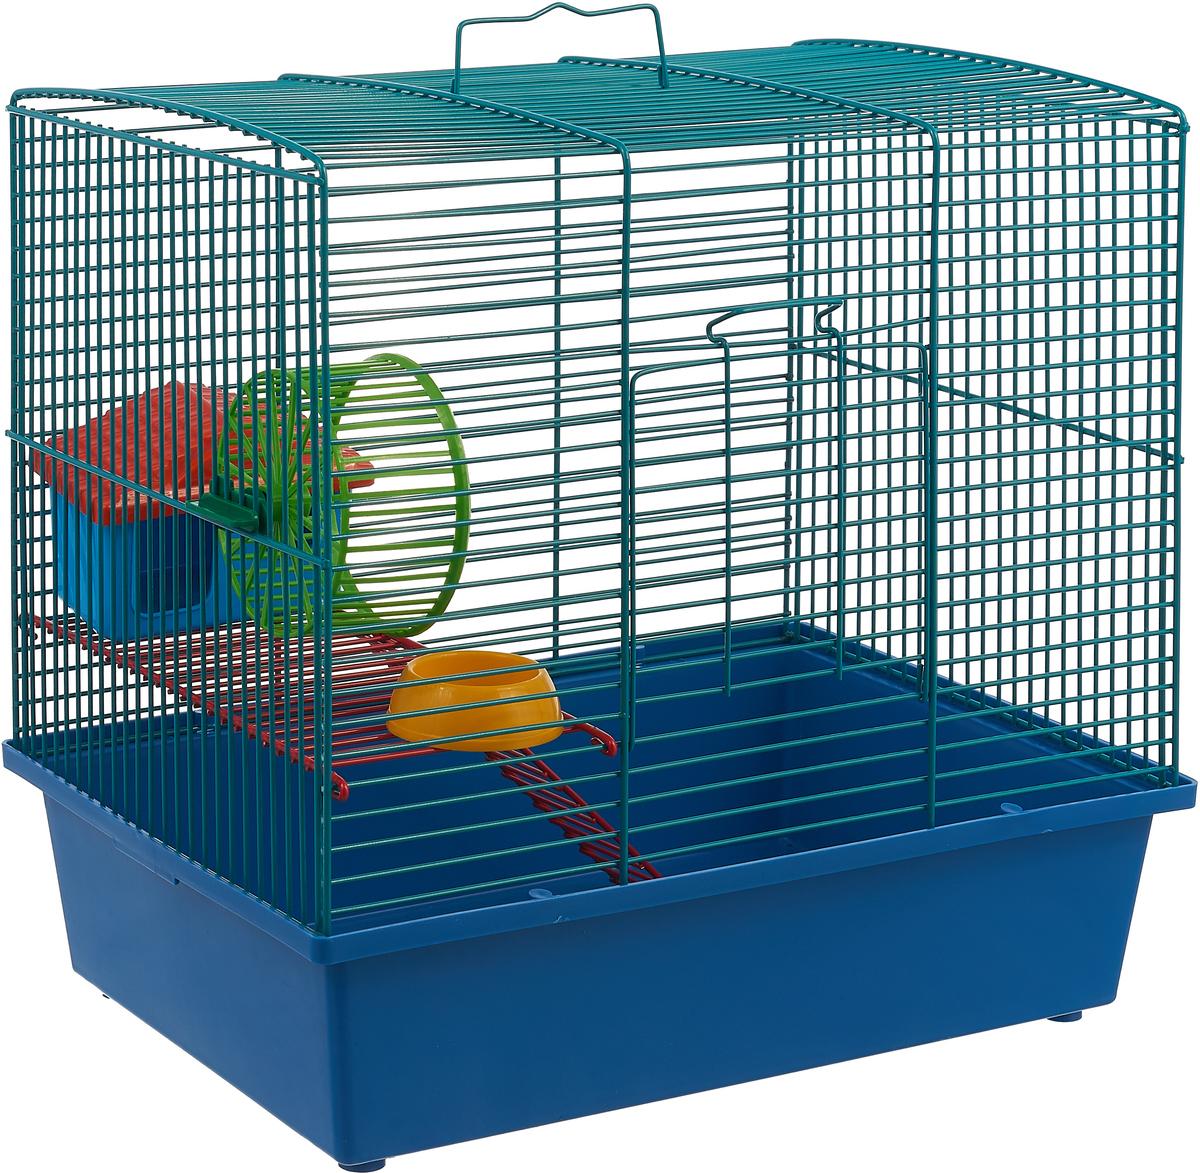 Клетка для грызунов Велес Lusy Hamster-2к, 2-этажная, цвет: синий, 35 х 26 х 26 см клетка для грызунов велес с полками цвет серый 40 х 58 х 45 см